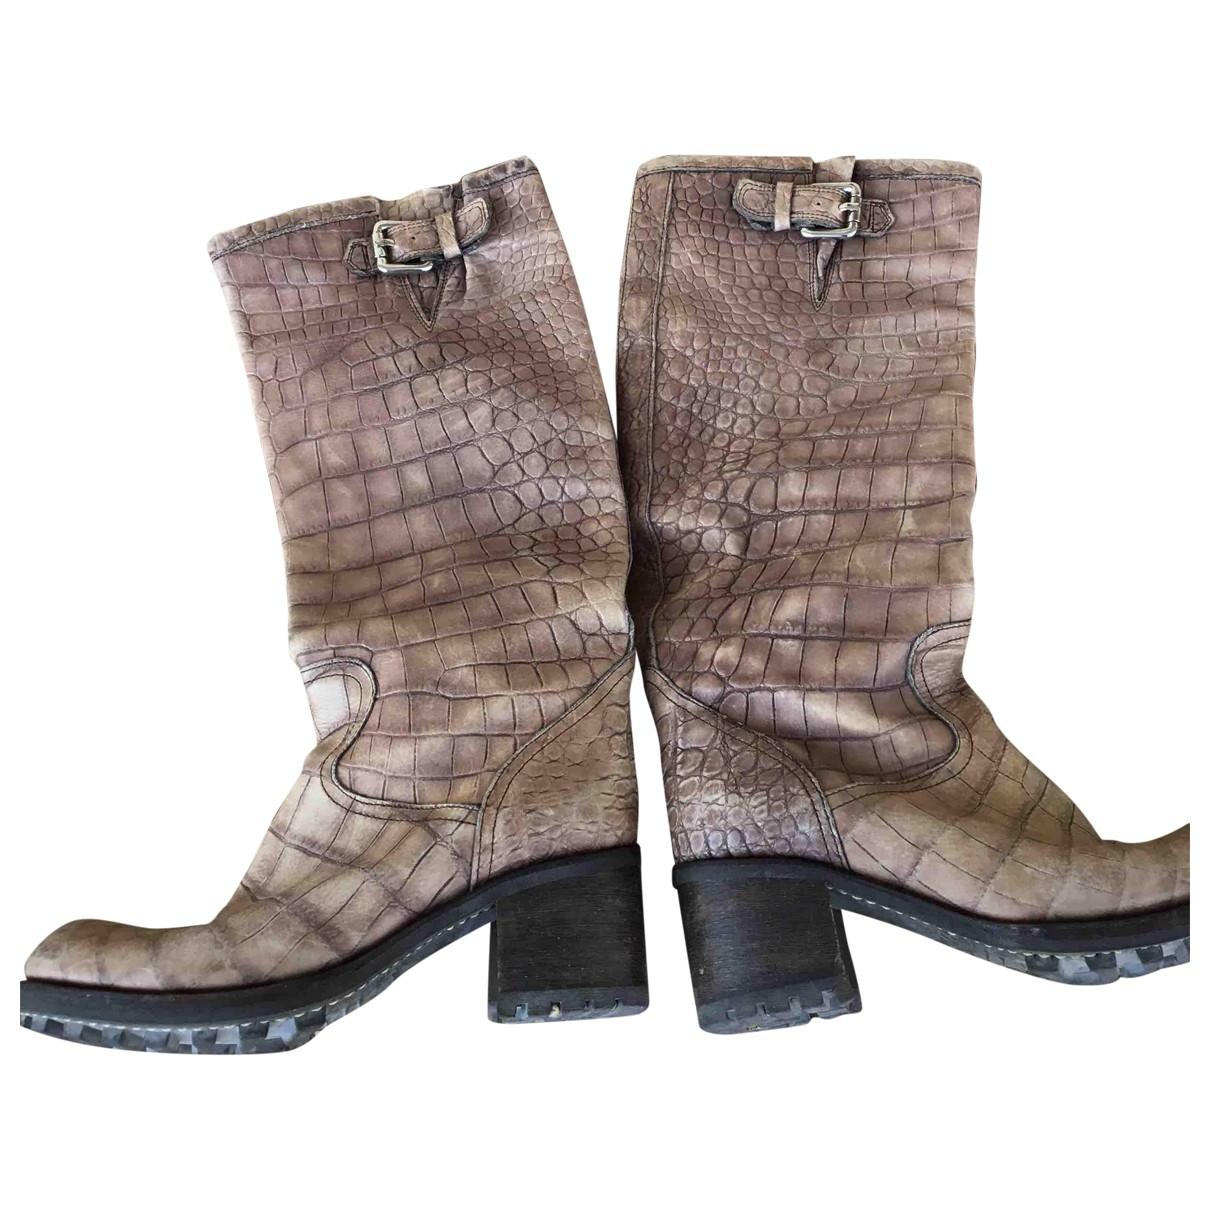 Free Lance - Bottes Geronimo pour femme en cuir